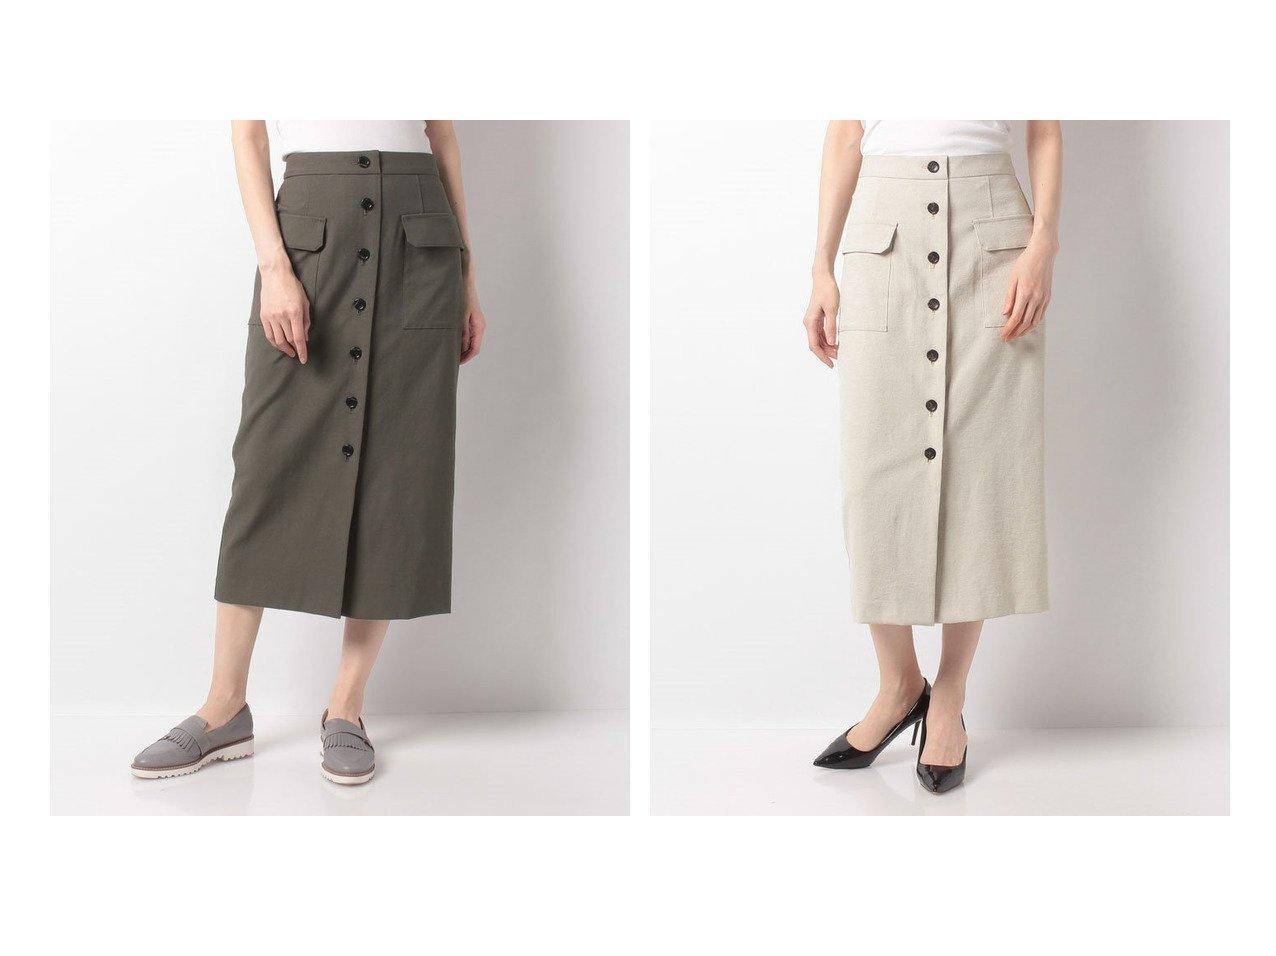 【MICA & DEAL/マイカ ディール】のfront button tihgt sk 【スカート】おすすめ!人気、トレンド・レディースファッションの通販 おすすめで人気の流行・トレンド、ファッションの通販商品 インテリア・家具・メンズファッション・キッズファッション・レディースファッション・服の通販 founy(ファニー) https://founy.com/ ファッション Fashion レディースファッション WOMEN スカート Skirt オックス タイトスカート タンブラー ダウン フロント ポケット 吸水 |ID:crp329100000054052